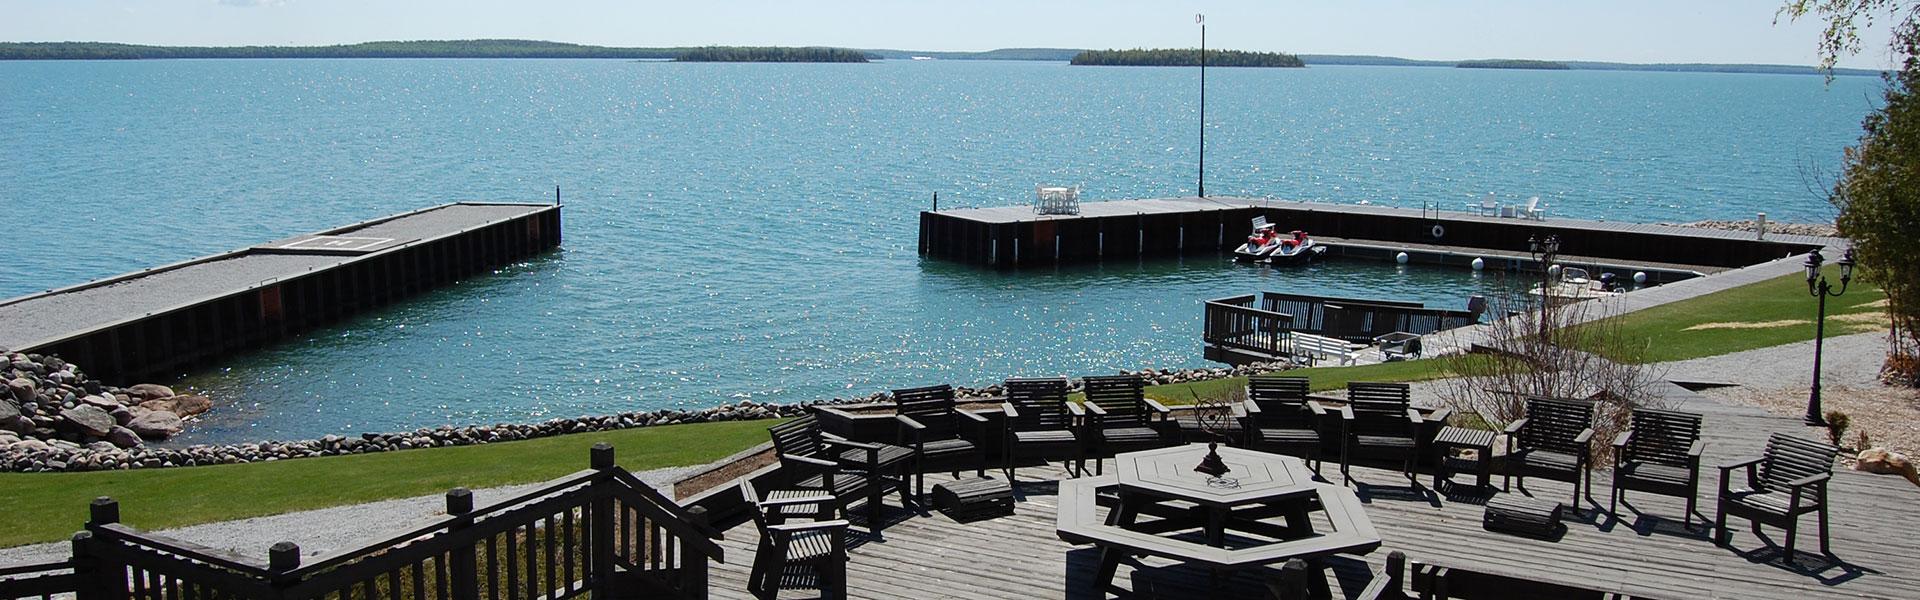 Private Islands For Sale In Michigan